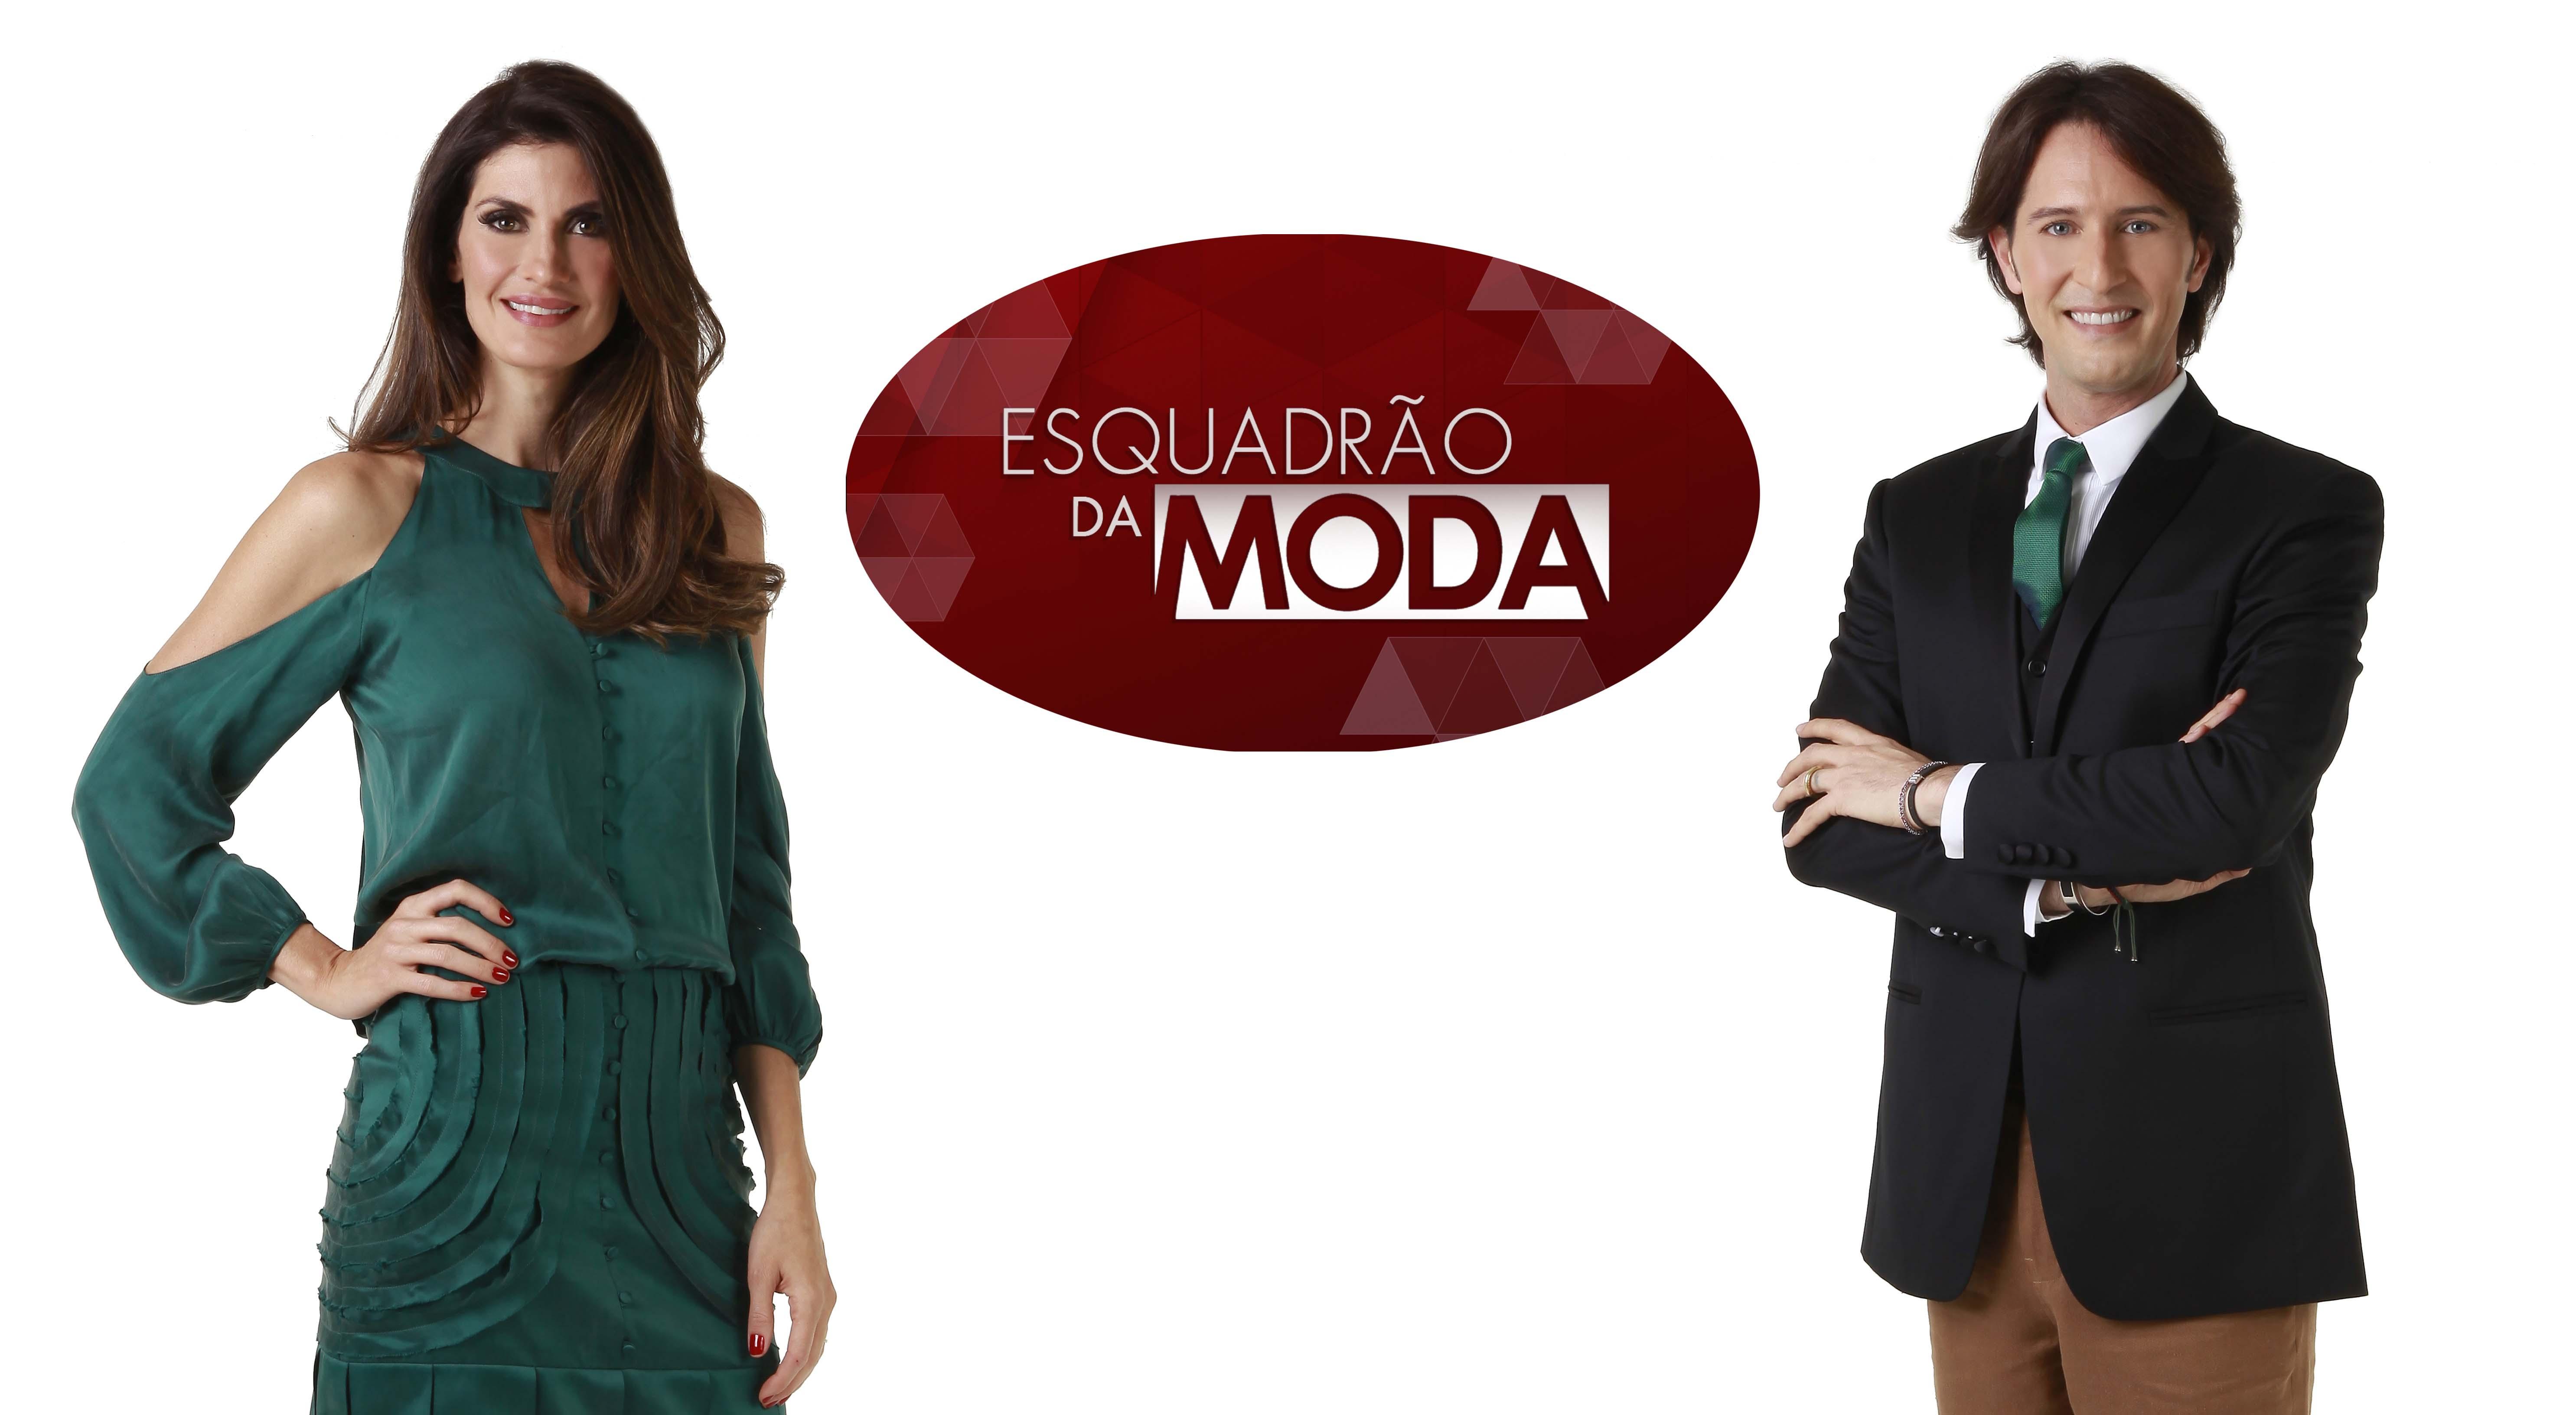 ad87970cc Esquadrão da Moda (TV Series 2009– ) - Photo Gallery - IMDb